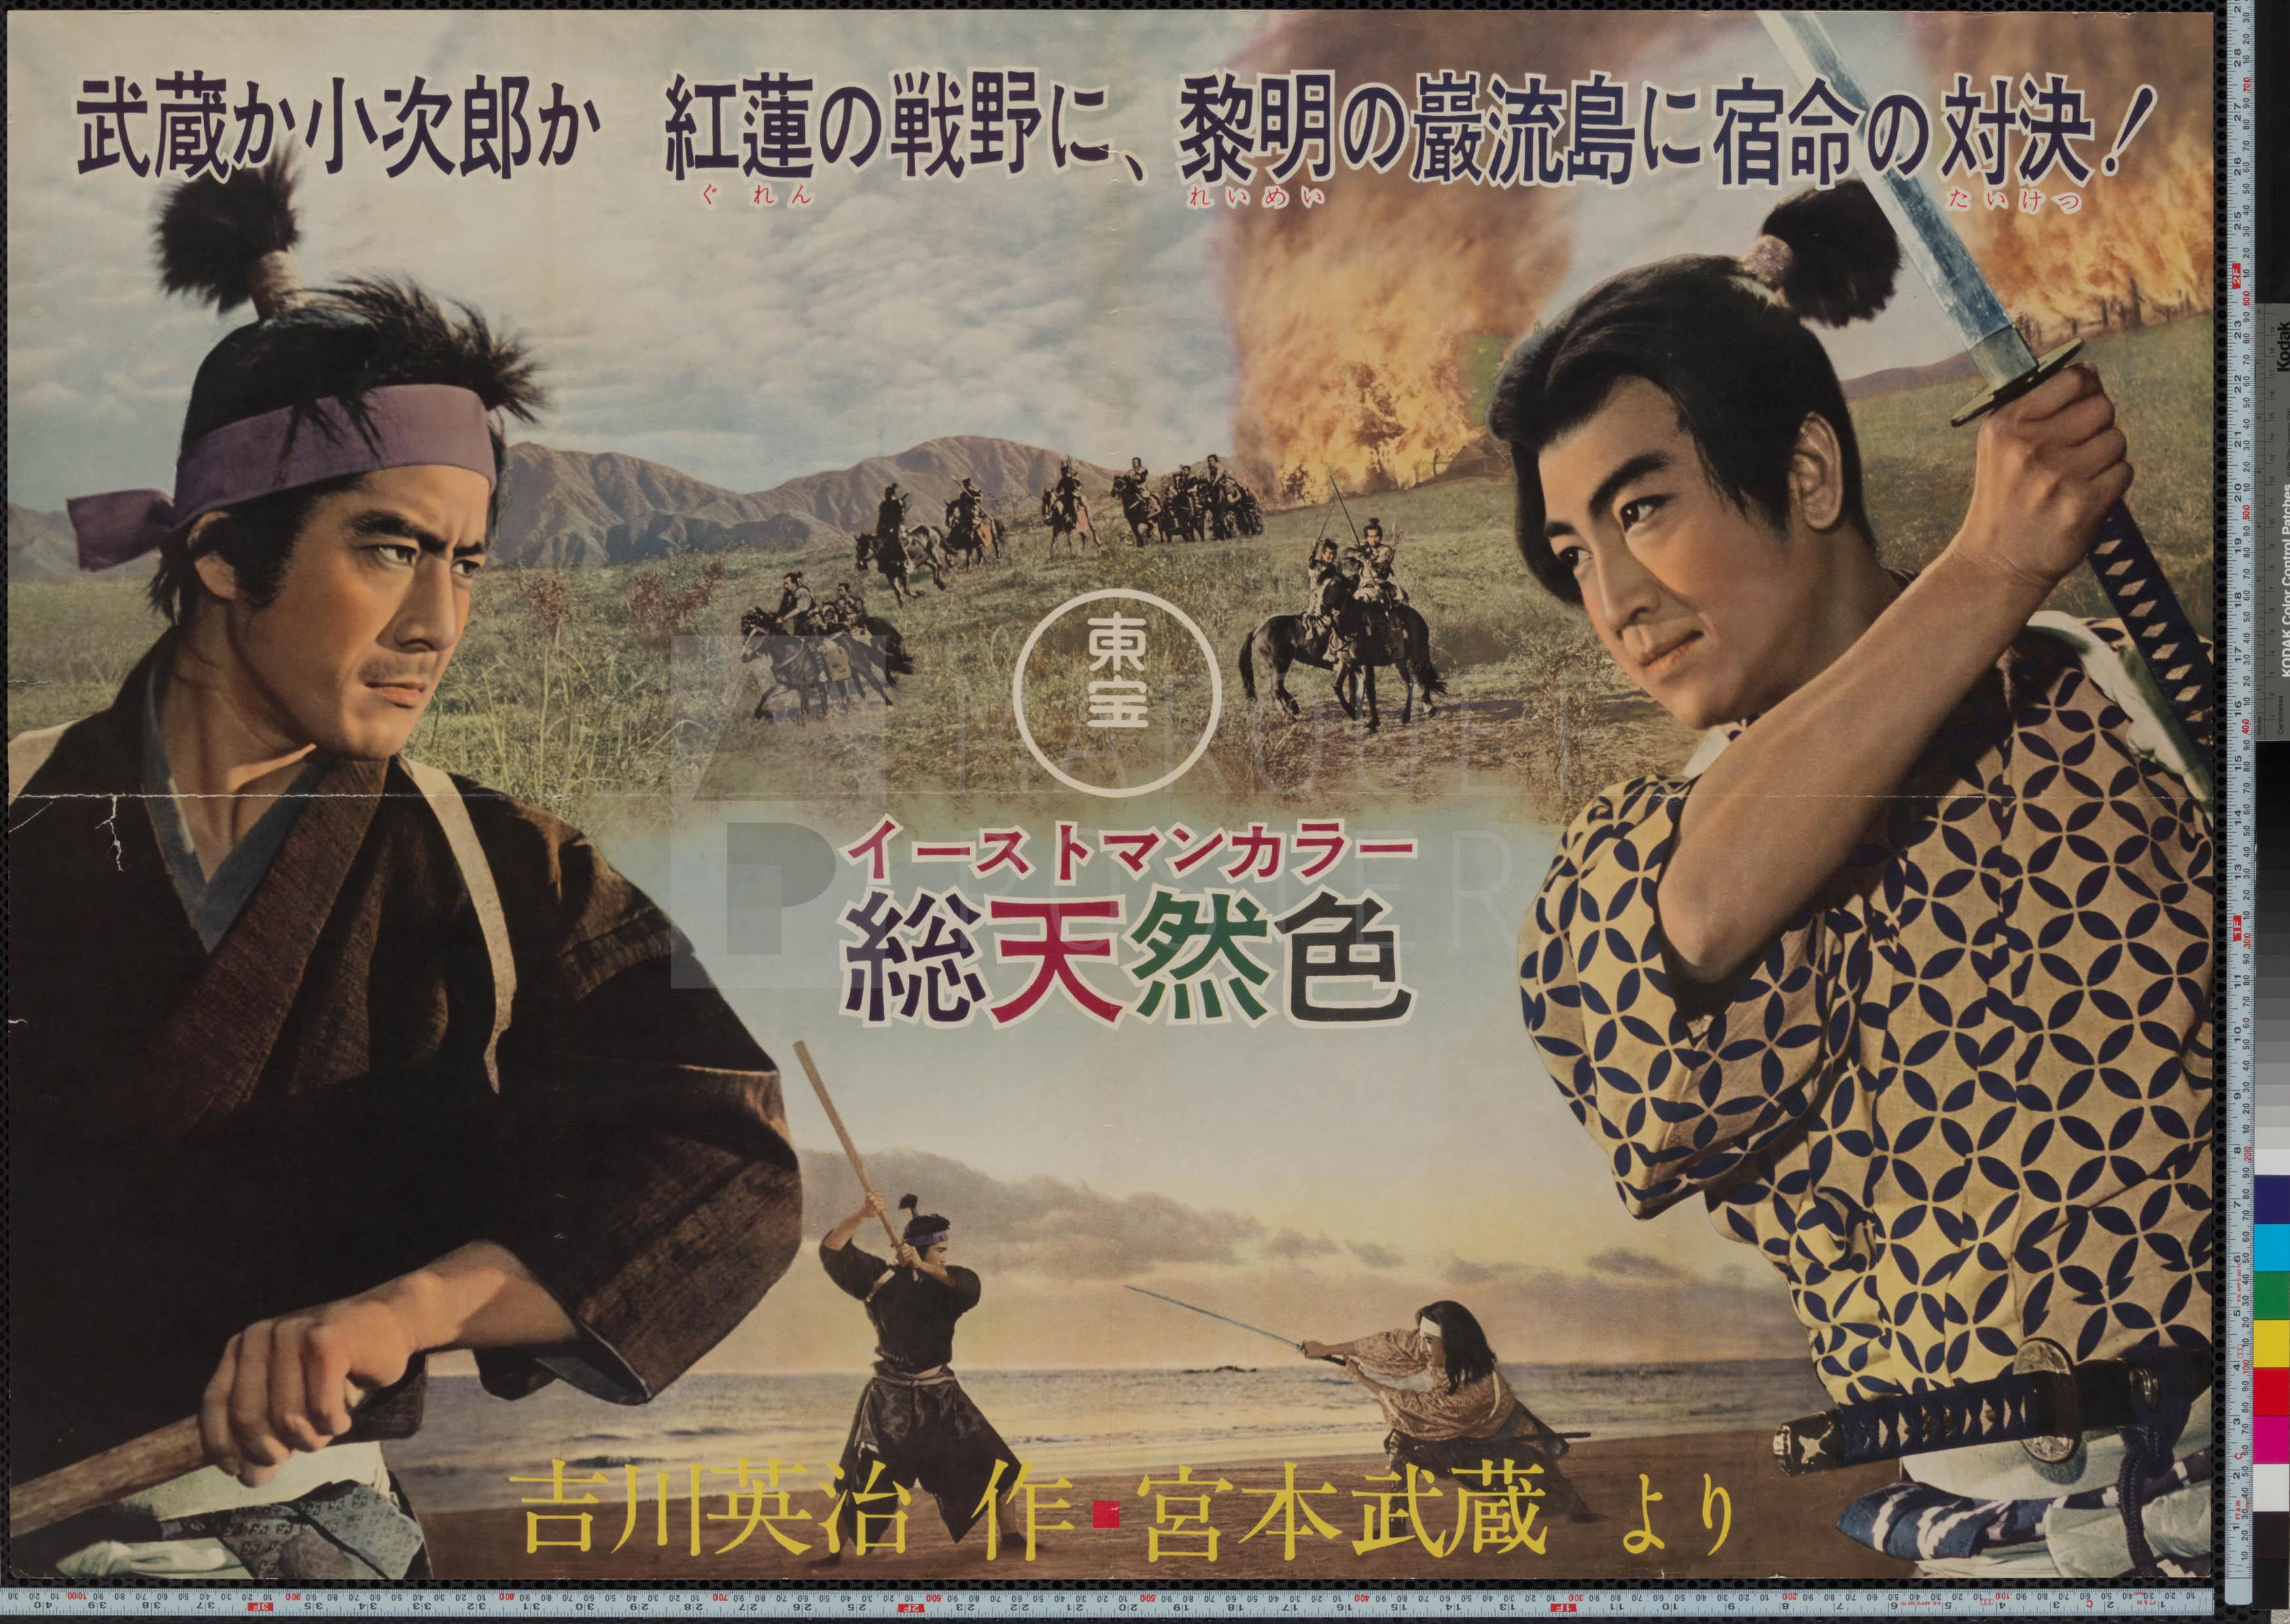 42-samurai-iii-duel-at-ganryu-island-japanese-b0-1956-02